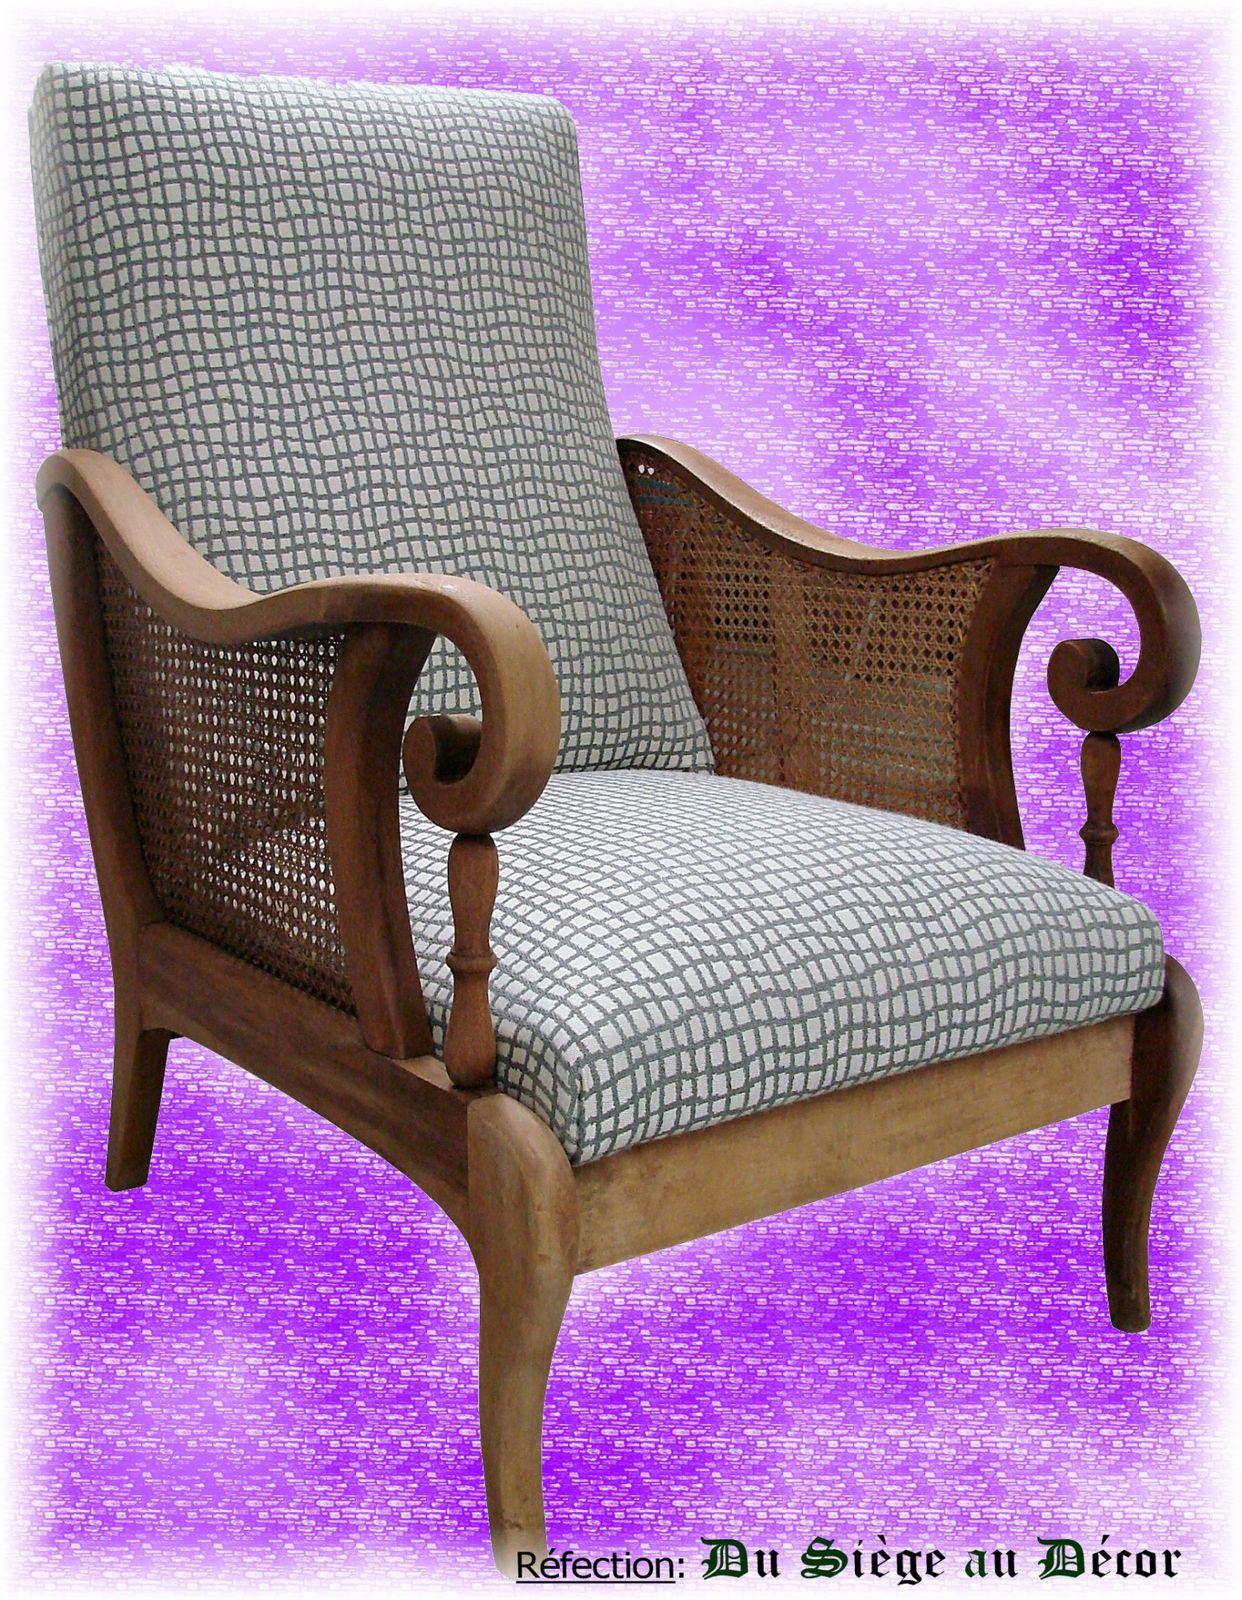 fauteuil style restauration x2 du si ge au d cor tapissier d 39 ameublement du si ge au d cor. Black Bedroom Furniture Sets. Home Design Ideas